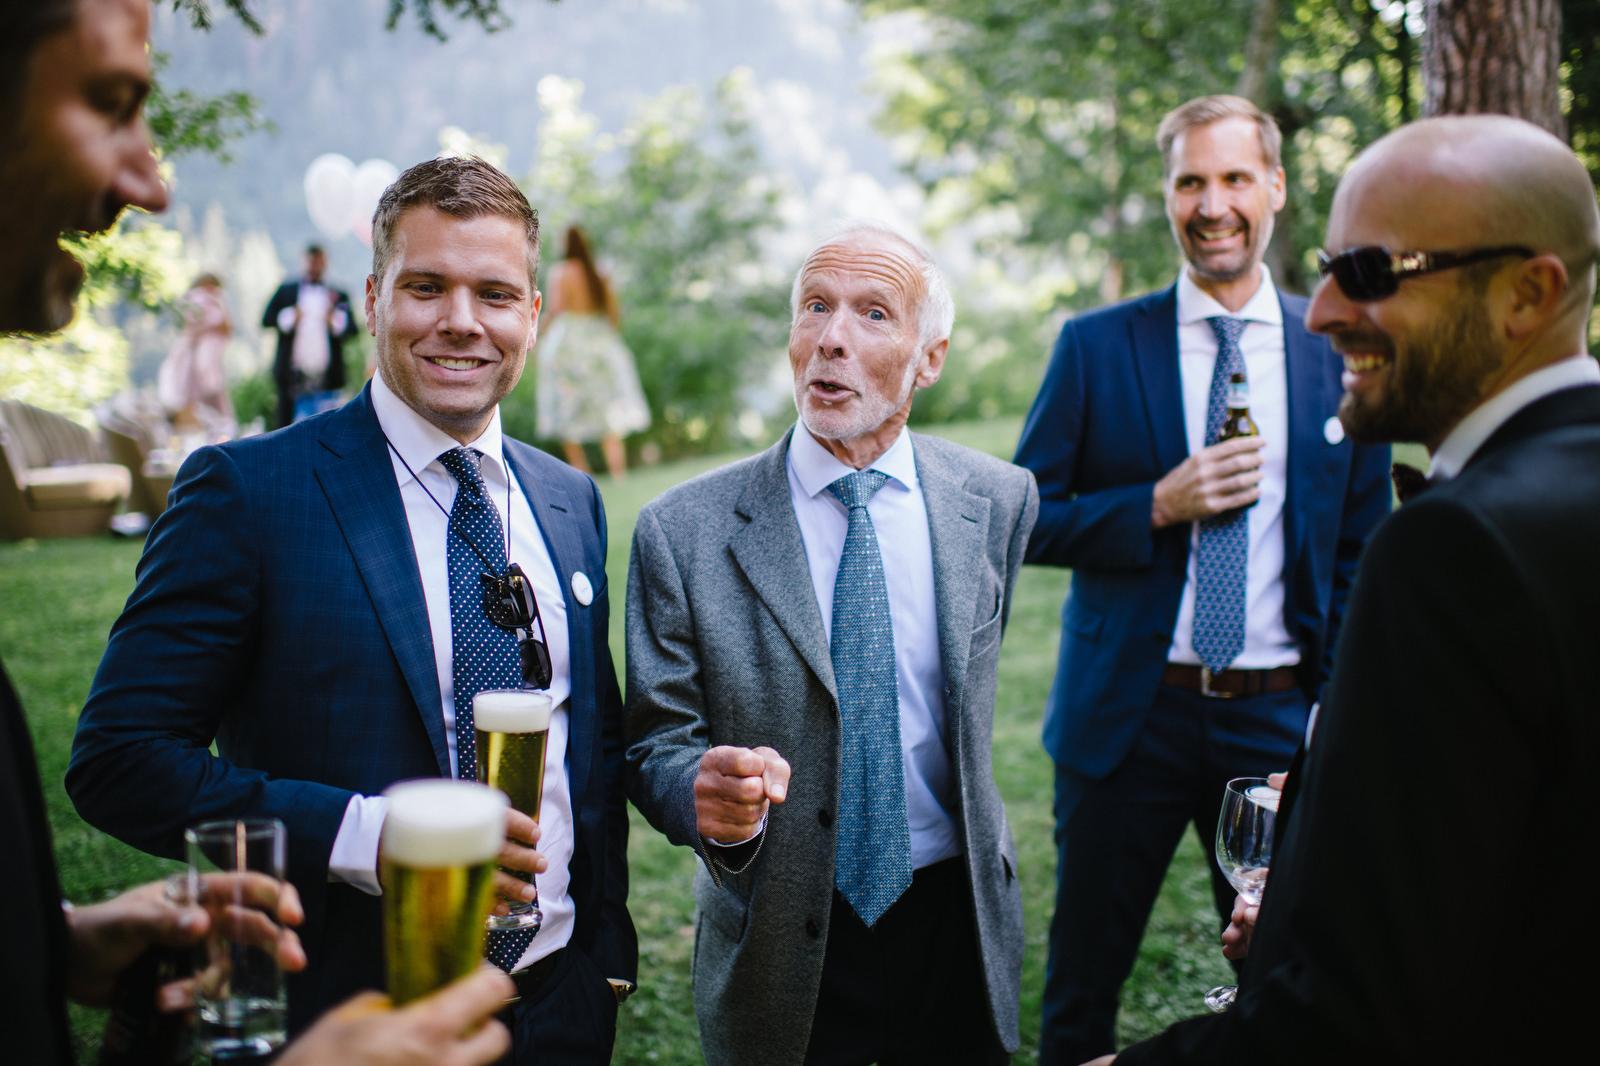 Fotograf Konstanz - Luxus Hochzeit Fotograf Grand Resort Bad Ragaz Schweiz Lichtenstein 109 - Destination wedding at the Grand Resort Bad Ragaz, Swiss  - 170 -